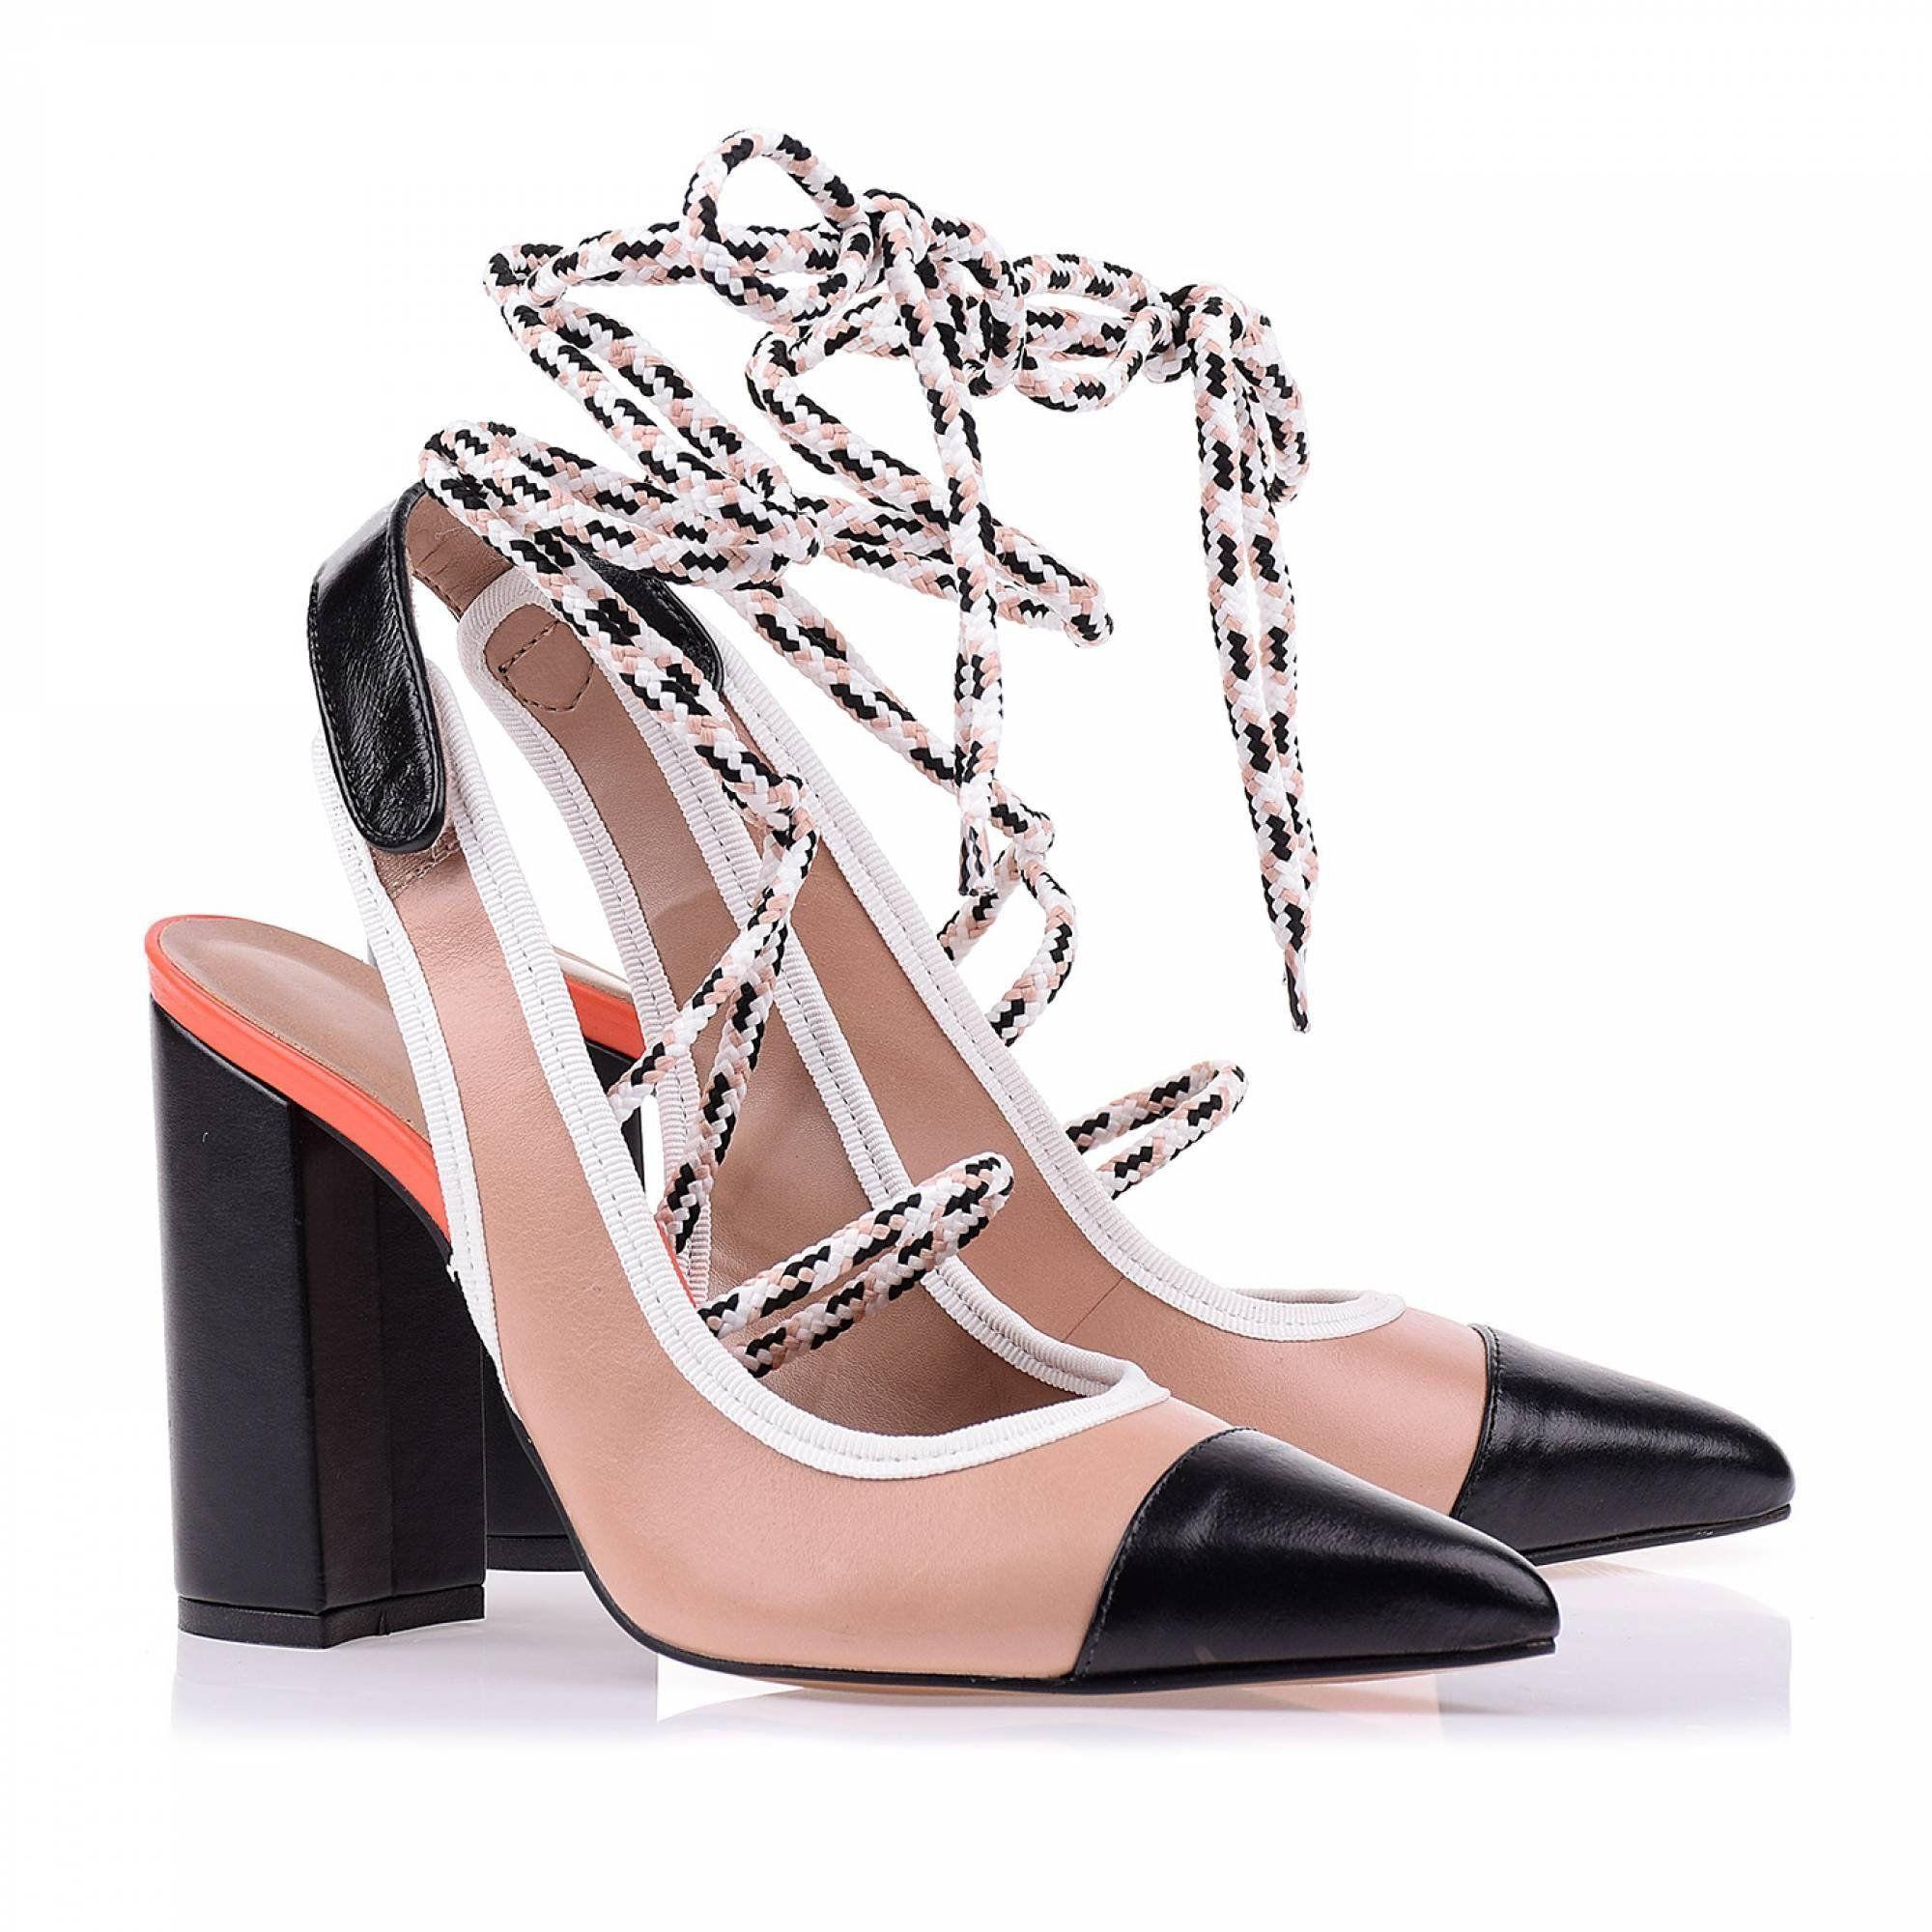 Chanel Salto Alto Prada Preto